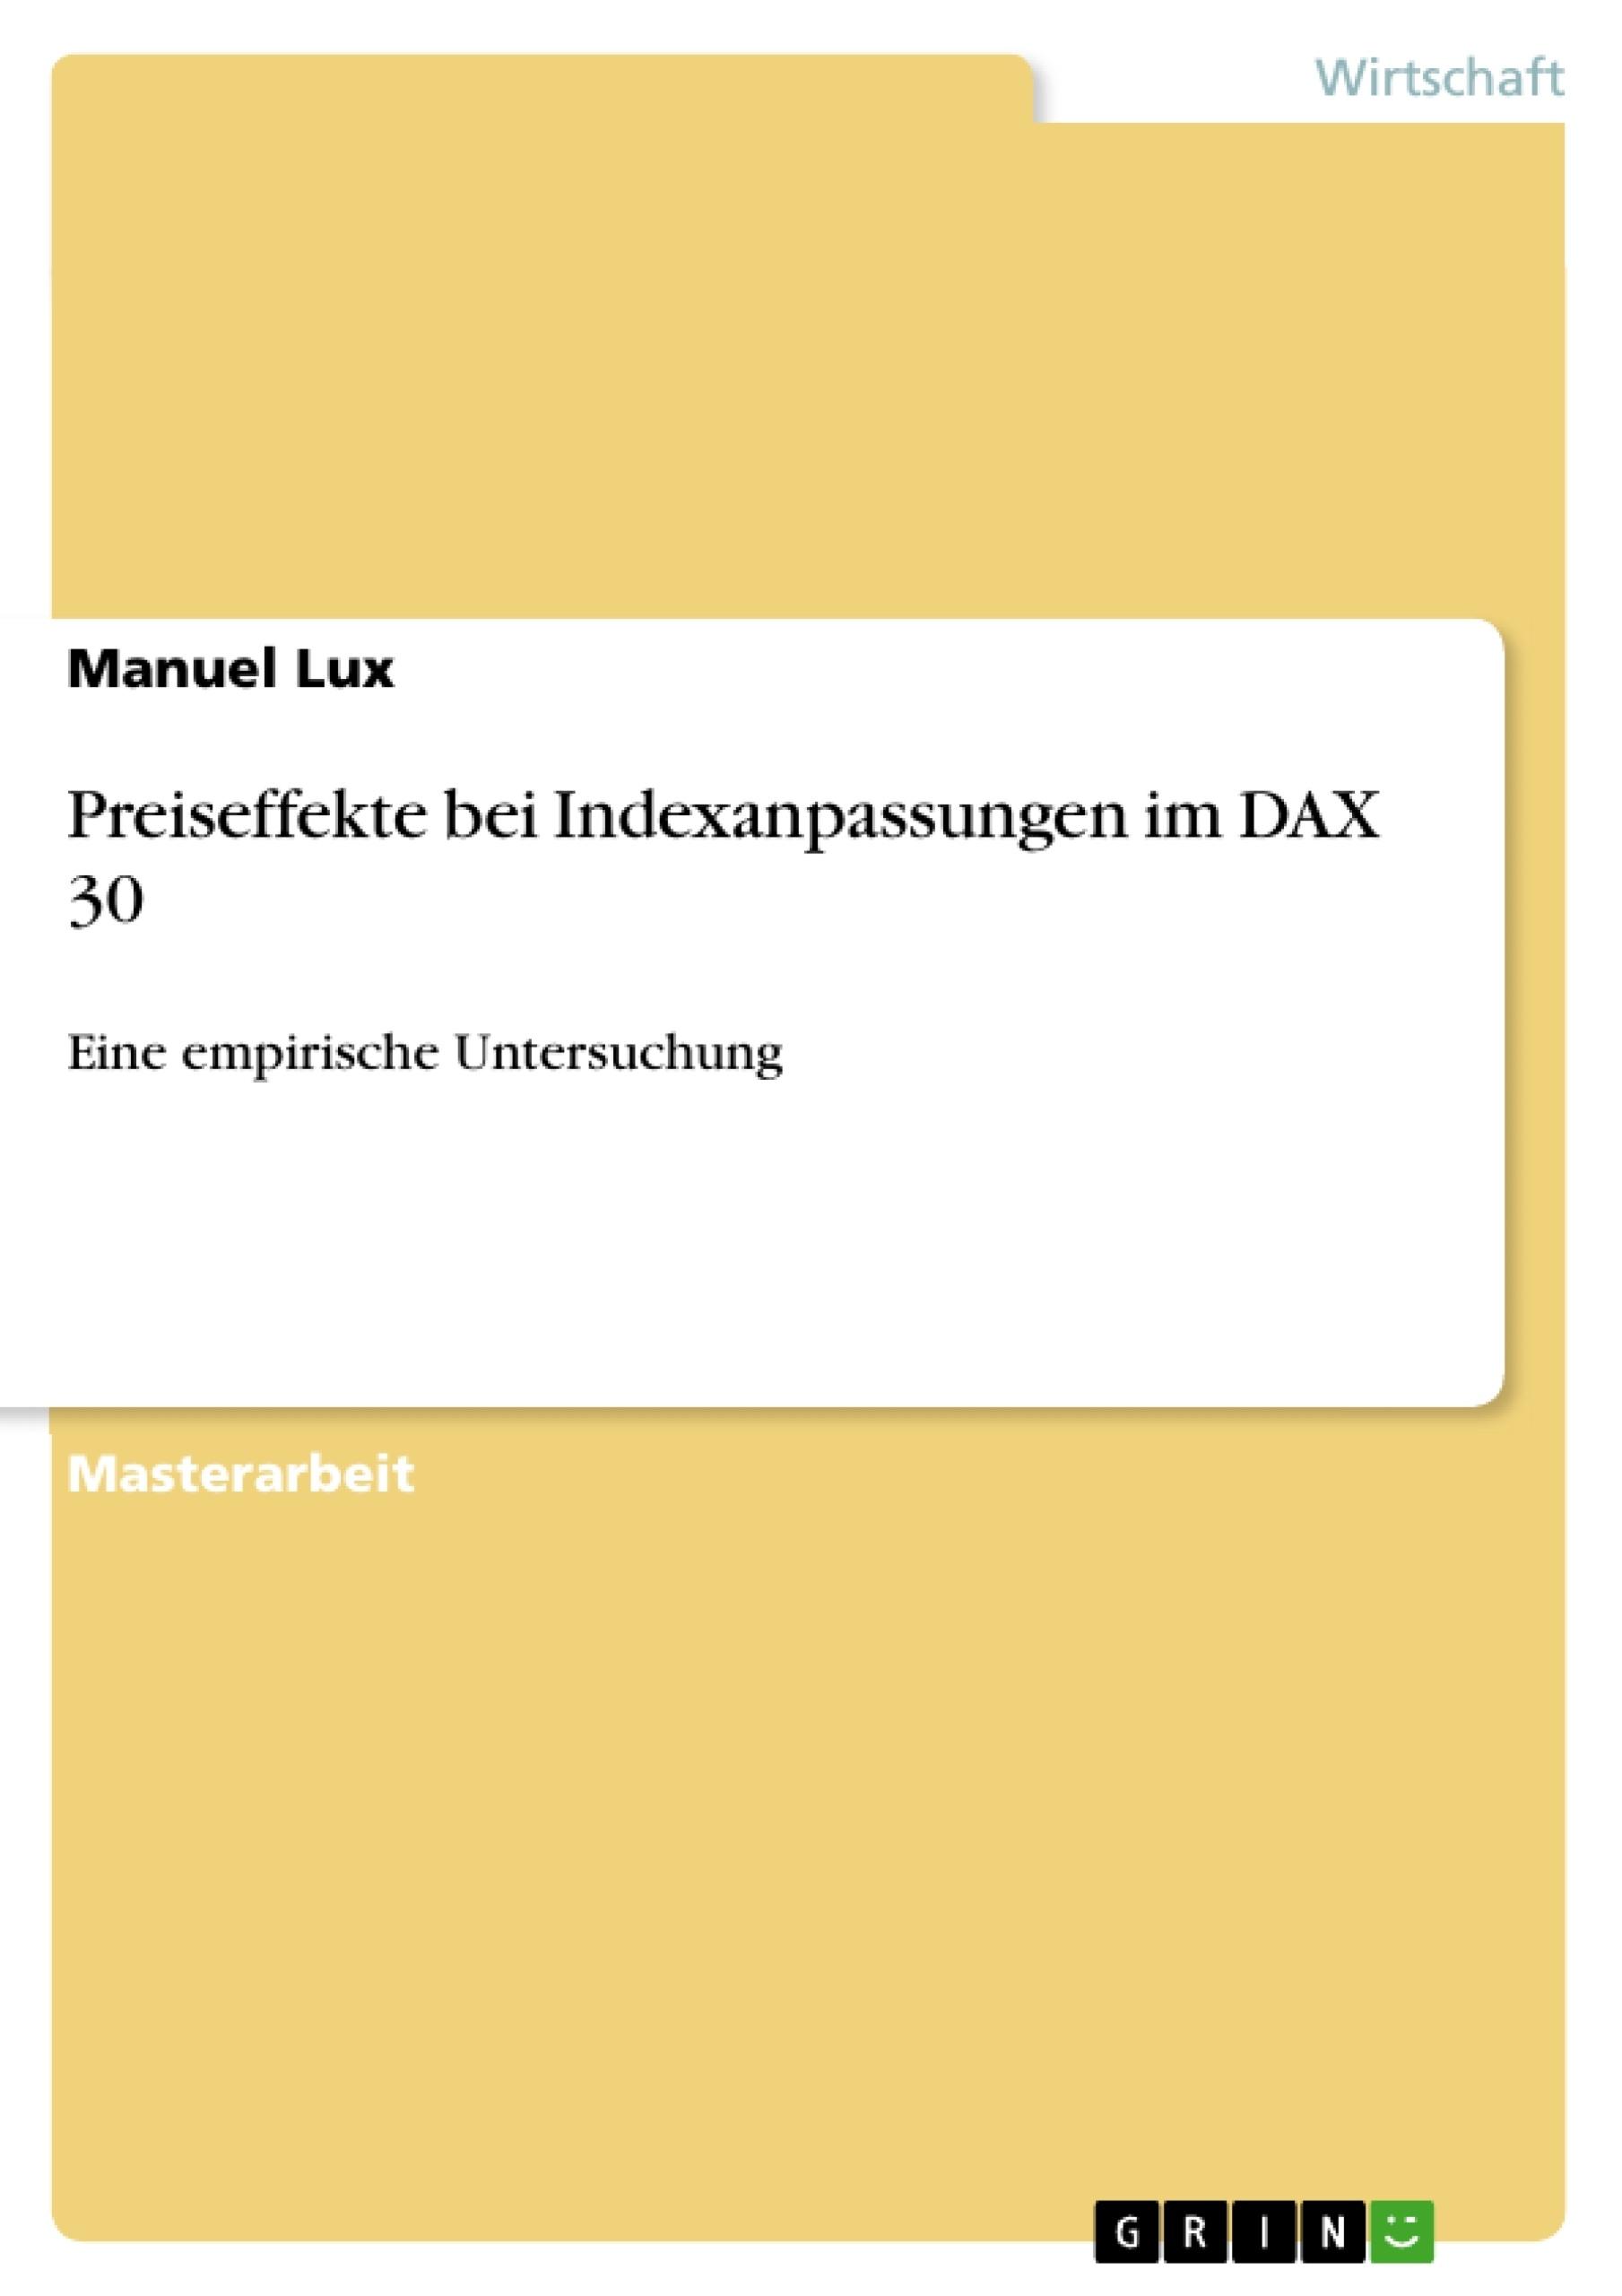 Titel: Preiseffekte bei Indexanpassungen im DAX 30